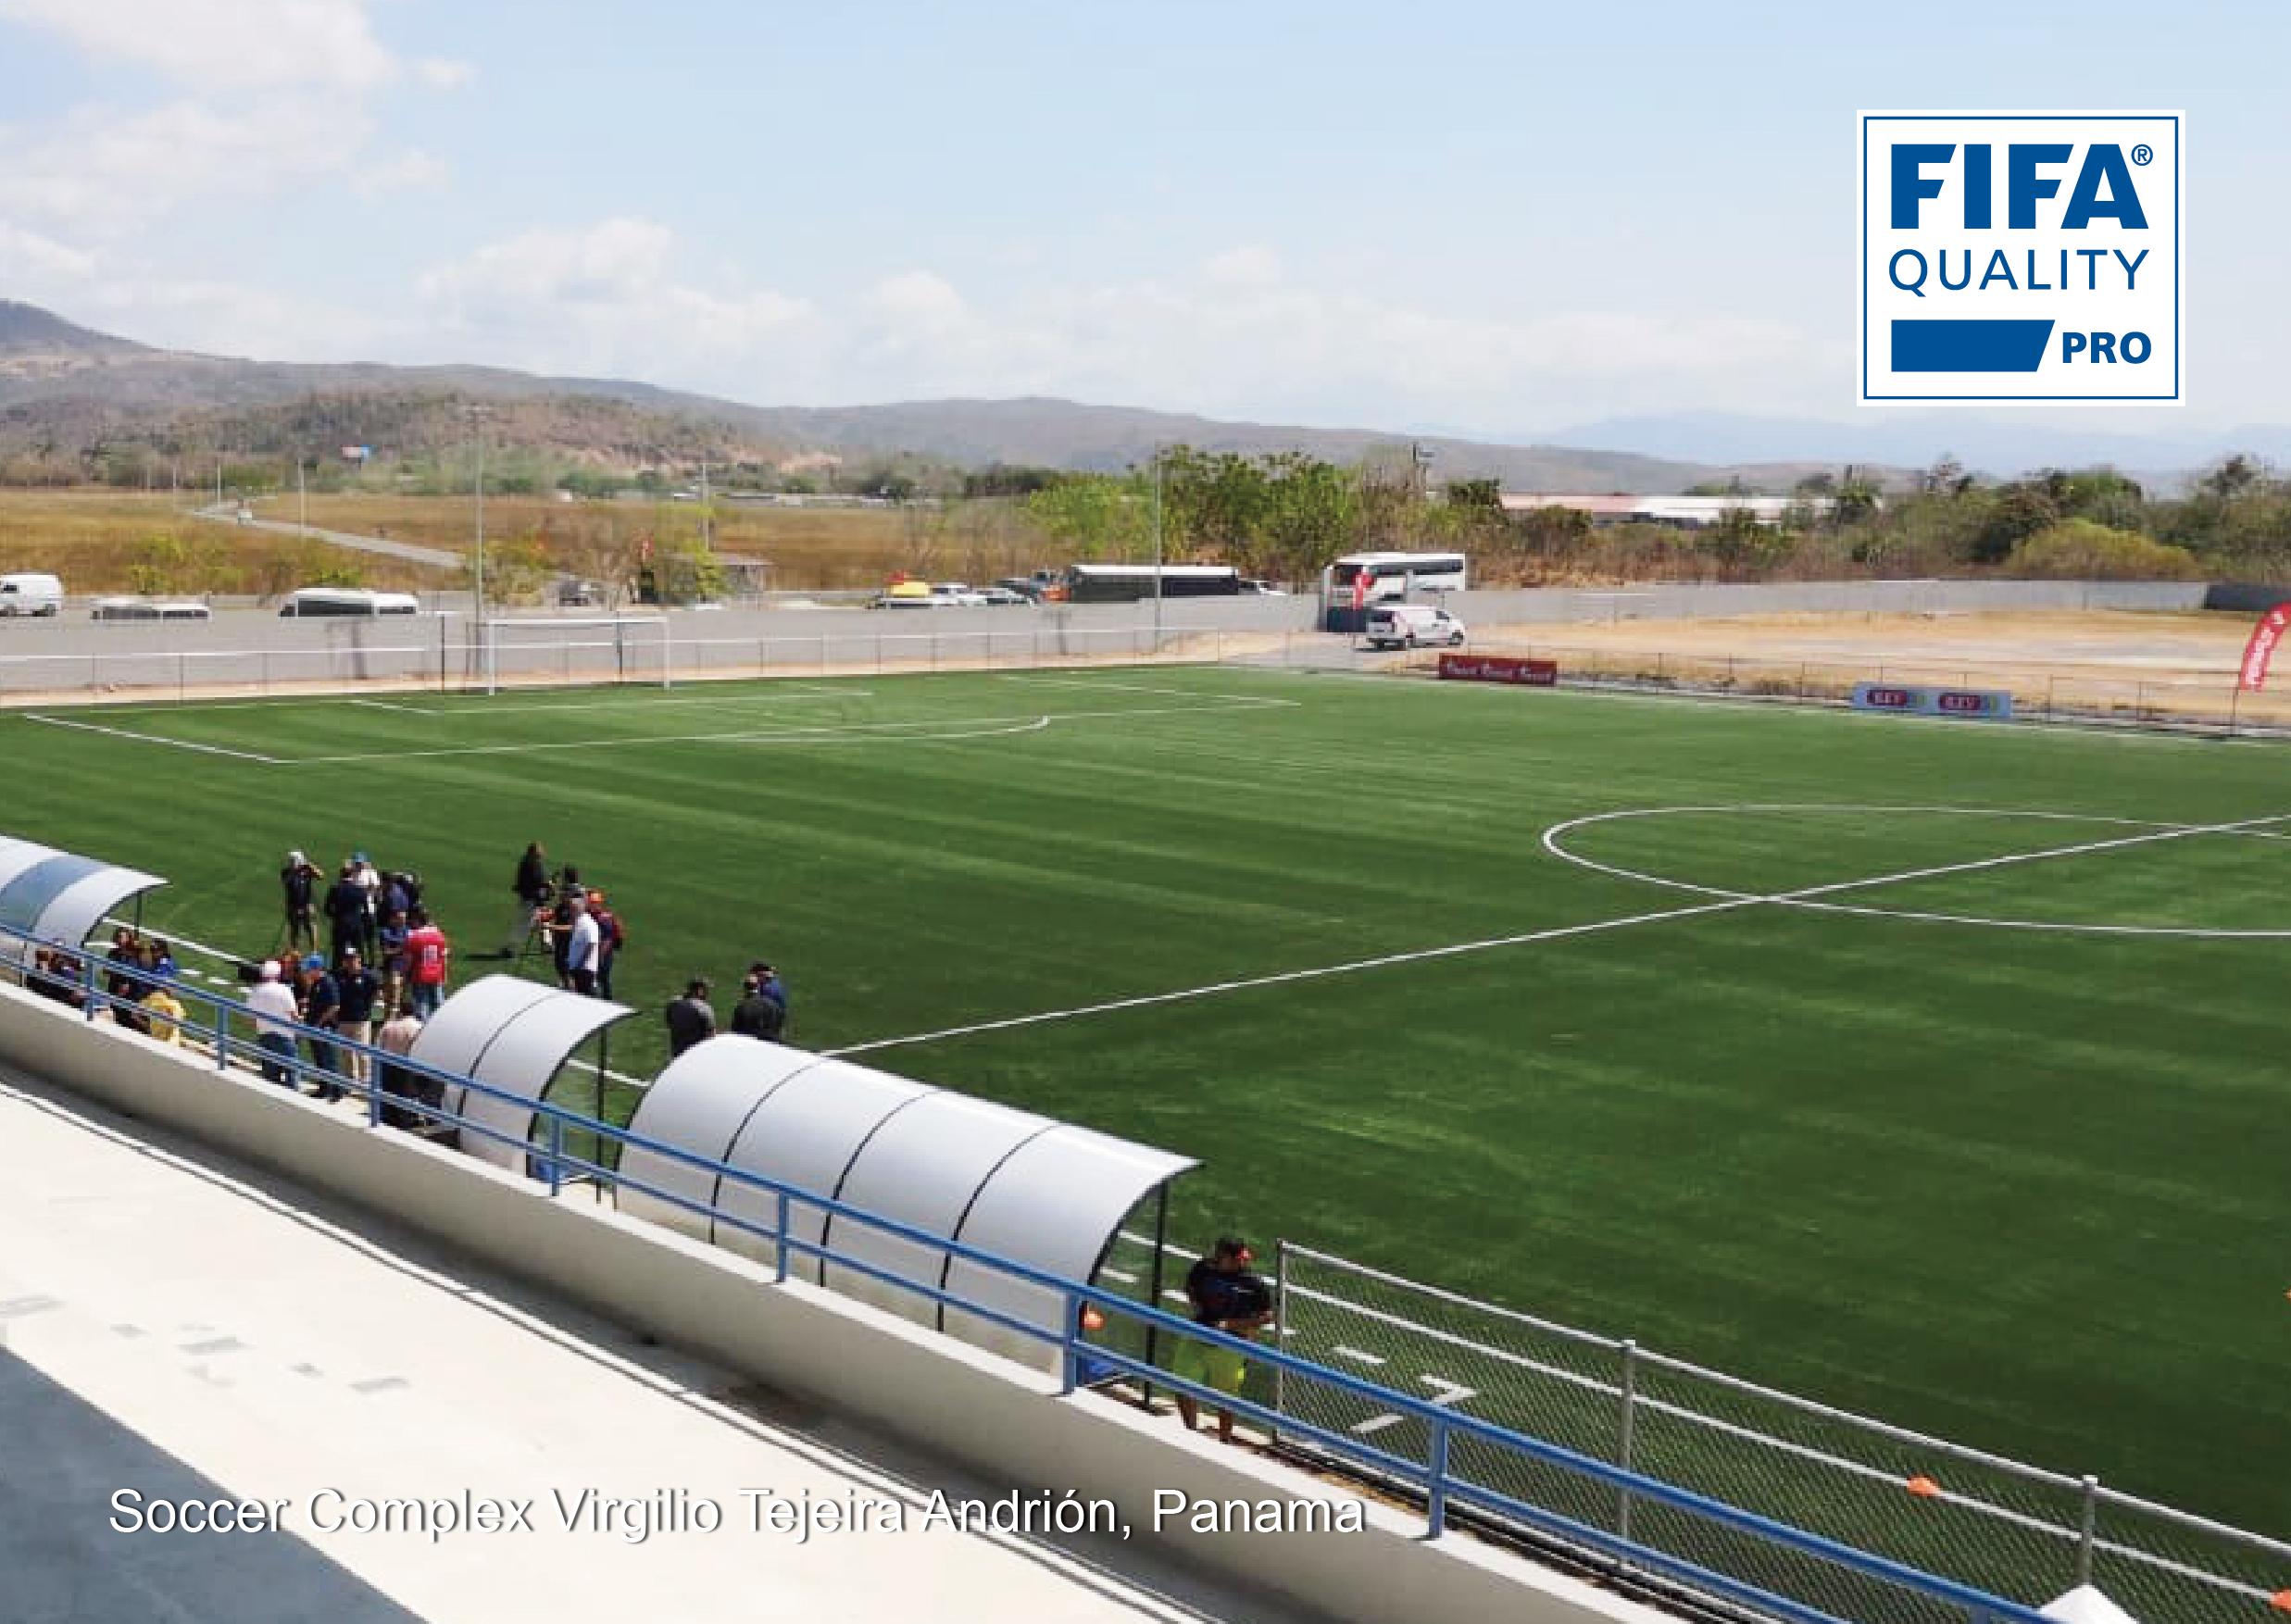 CCGrass a complété le projet du terrain FIFA Quality Pro au Panama1